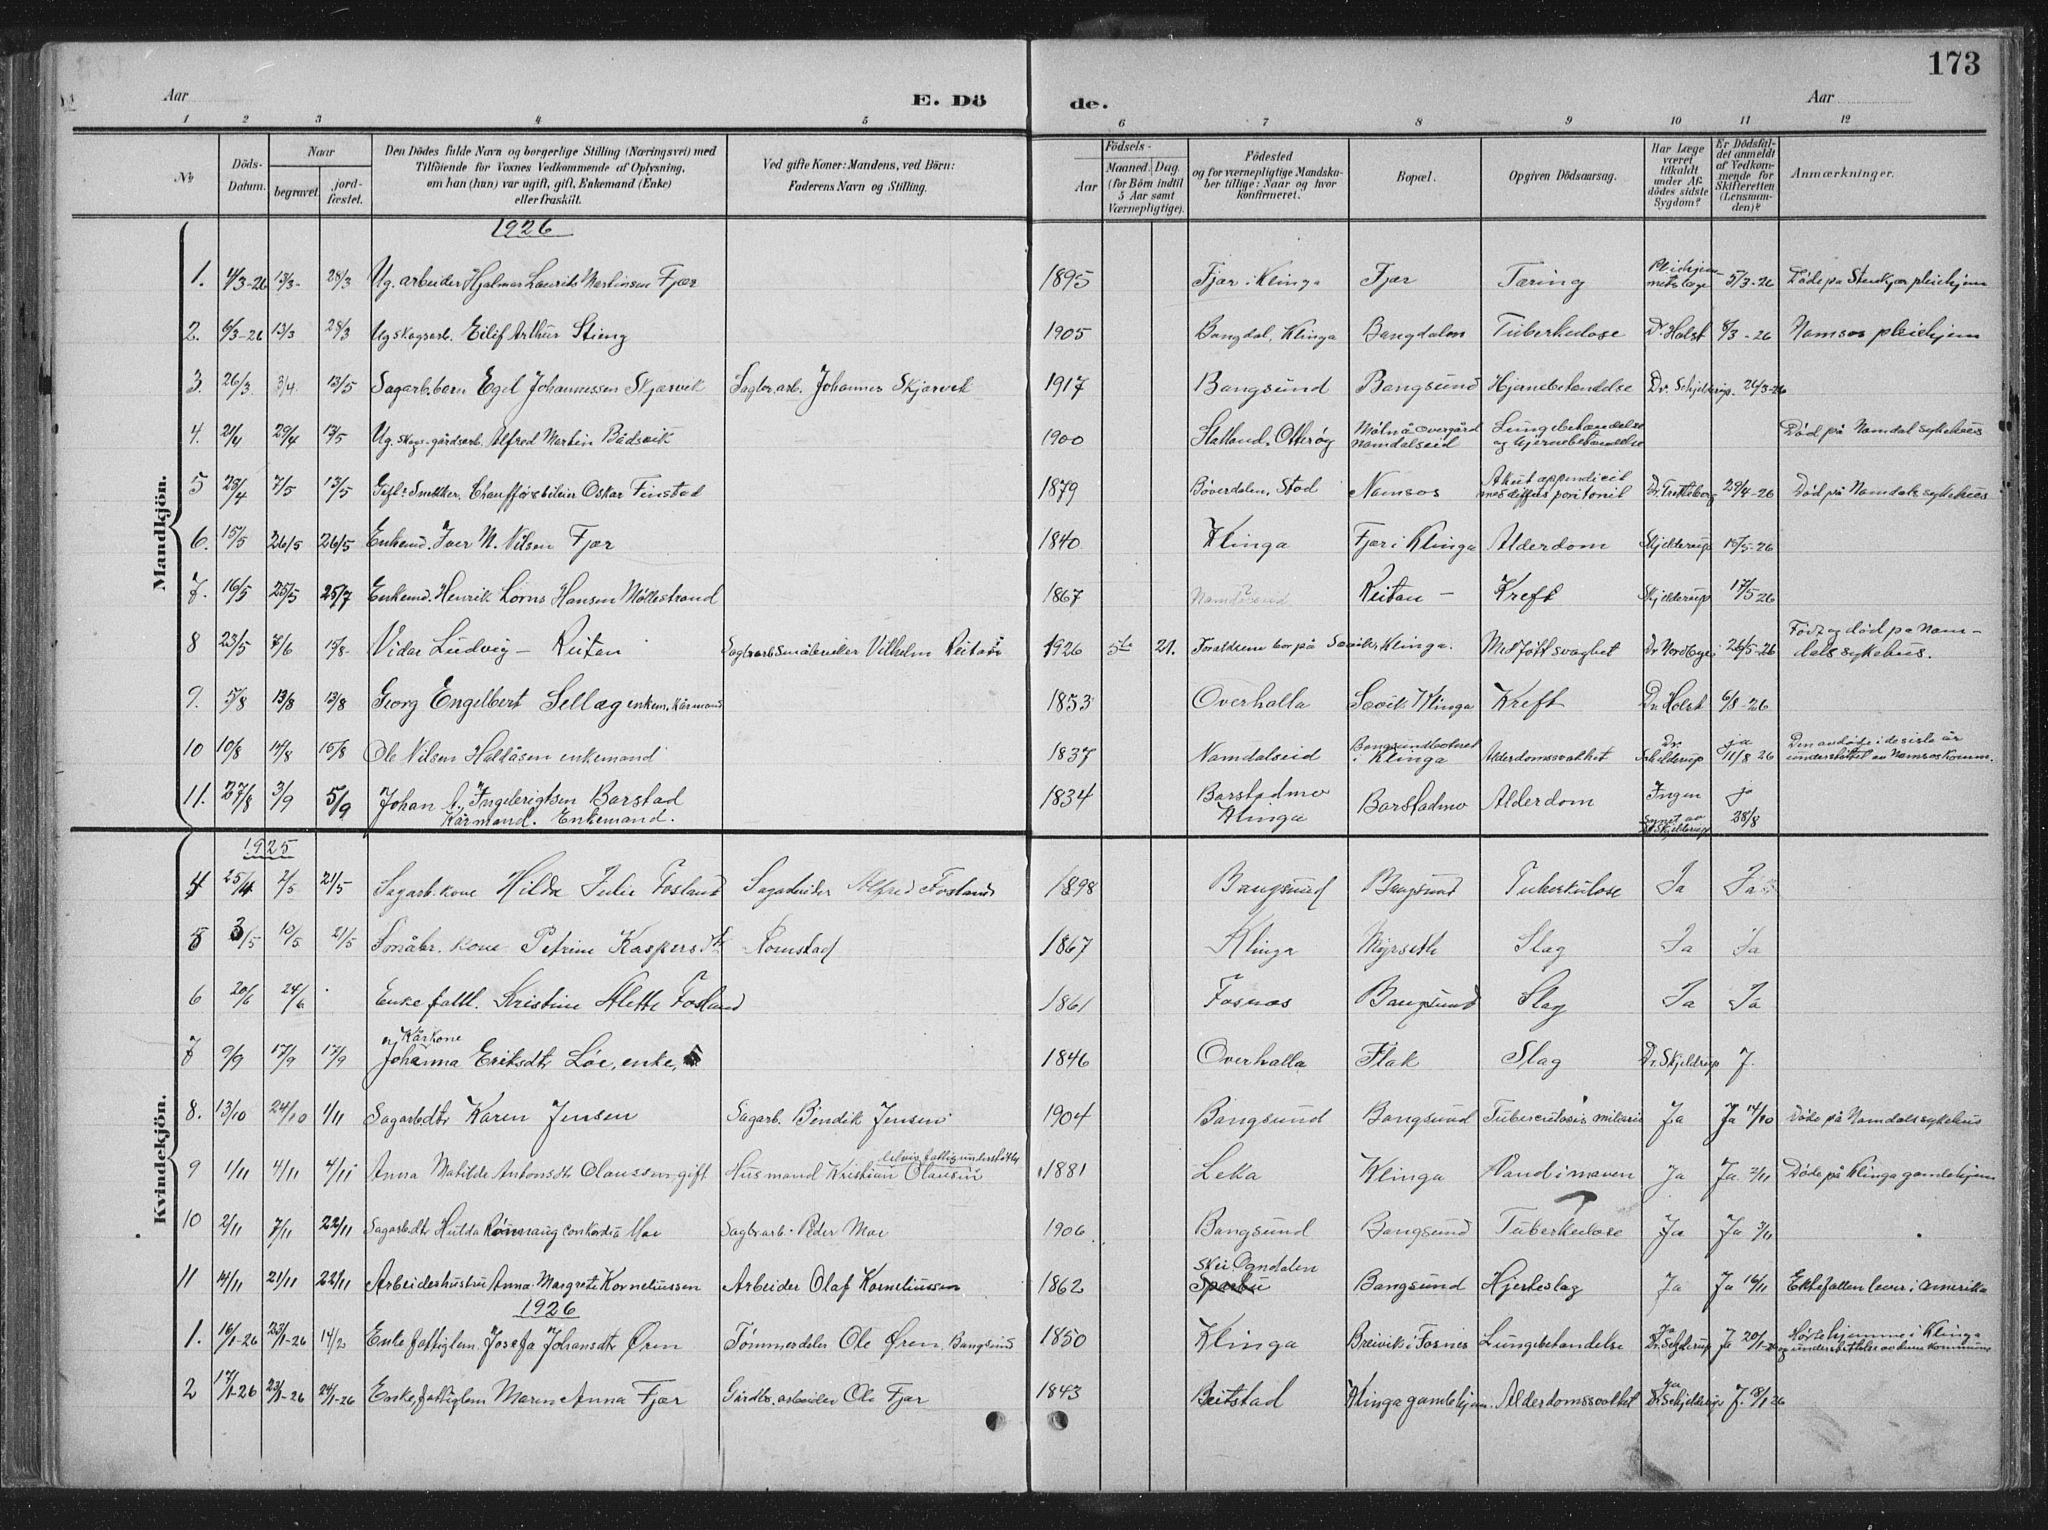 SAT, Ministerialprotokoller, klokkerbøker og fødselsregistre - Nord-Trøndelag, 770/L0591: Klokkerbok nr. 770C02, 1902-1940, s. 173